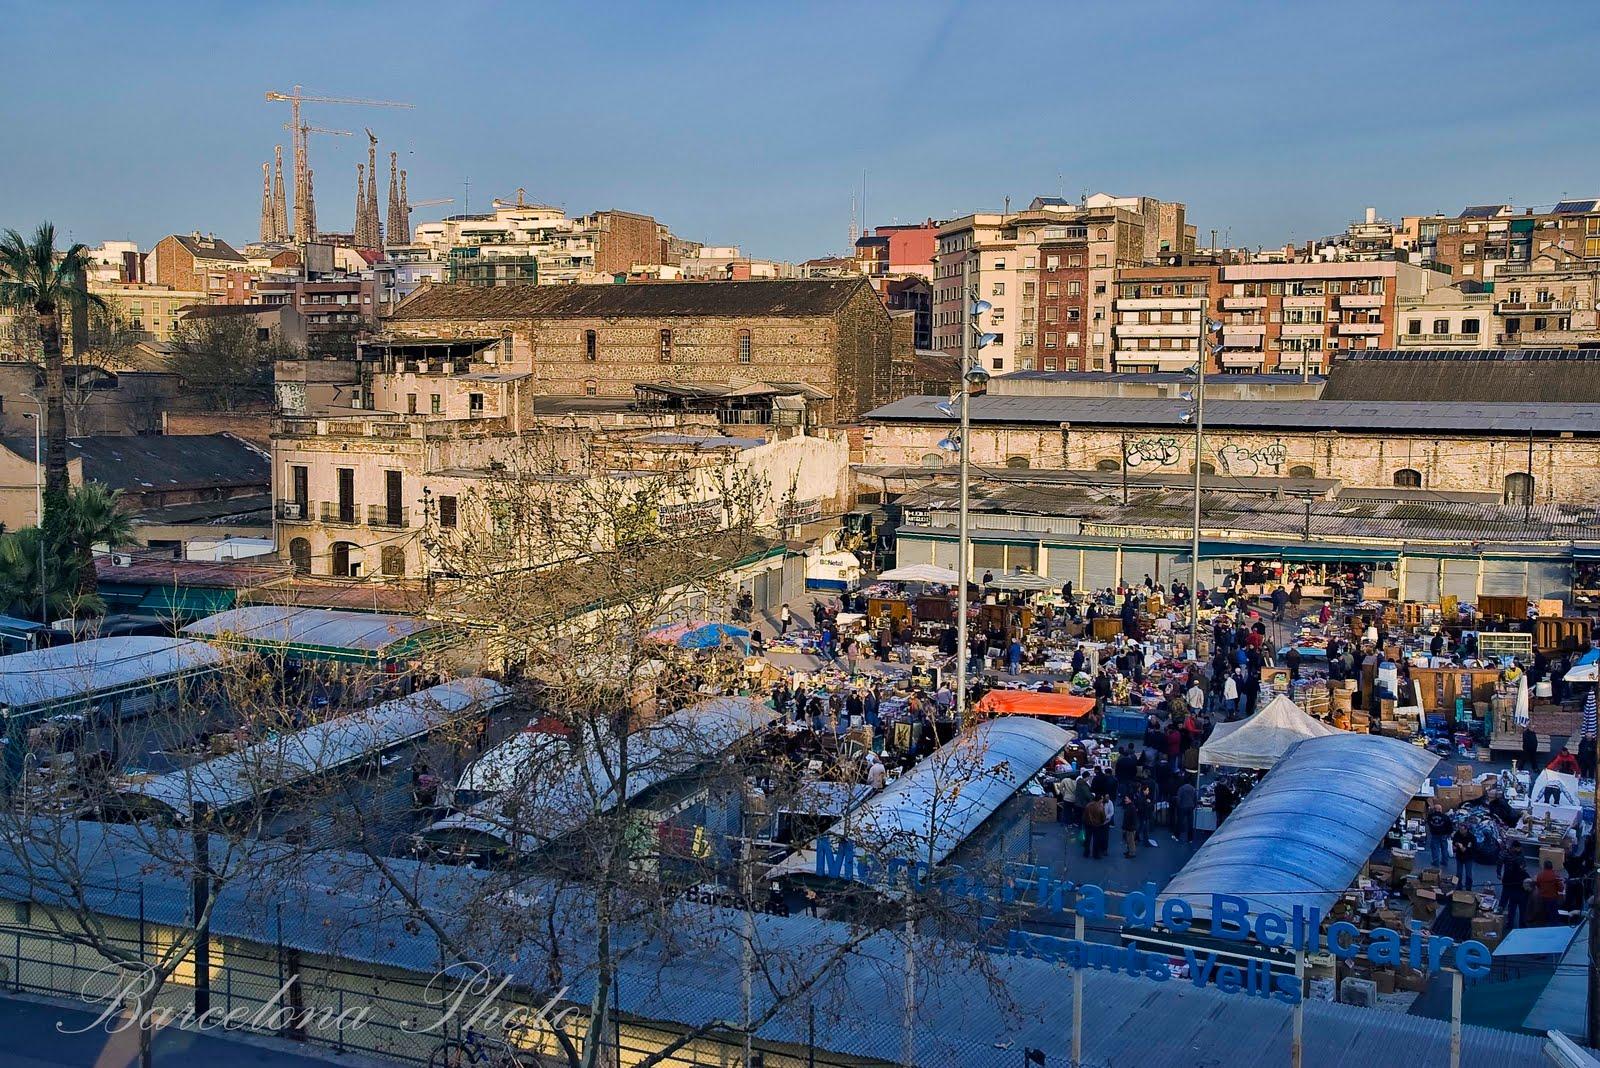 Barcelona photo fira bellcaire encants vells flea market - Encantes barcelona ...